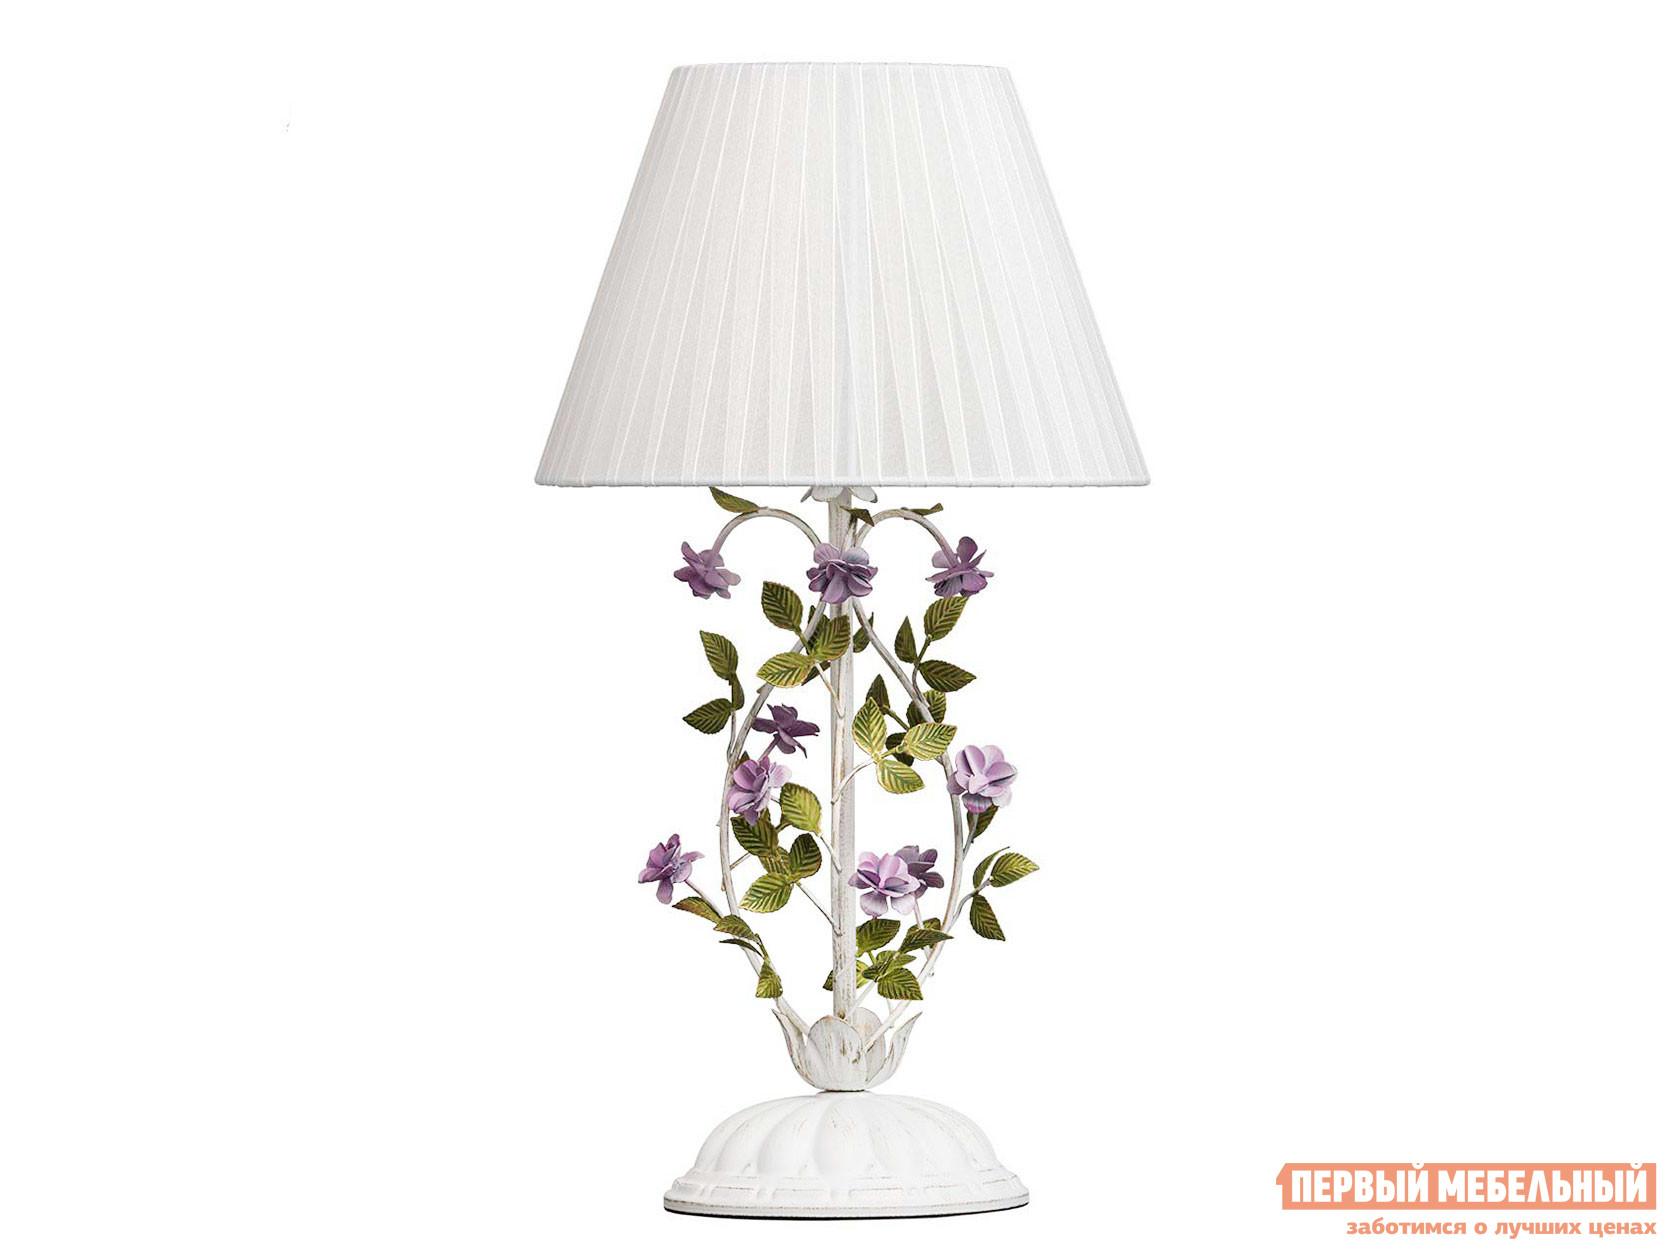 Настольная лампа Штерн 421034601 Букет